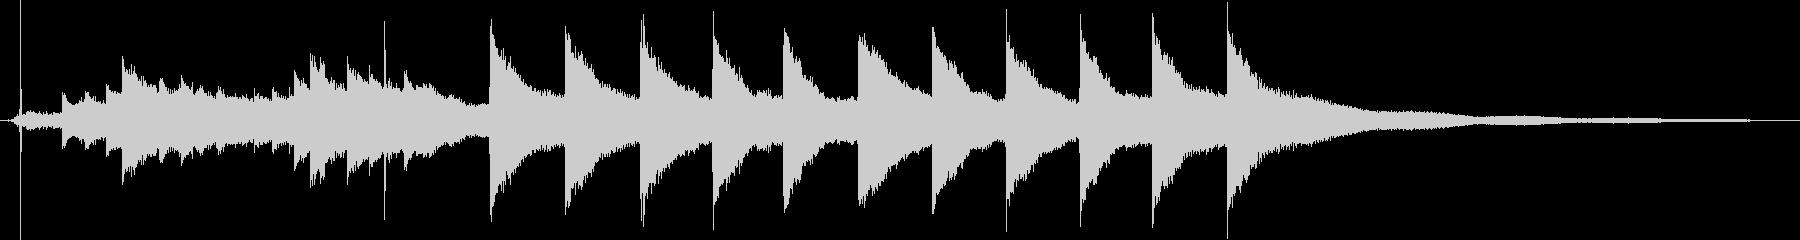 マントルチャイムクロック:小:スト...の未再生の波形